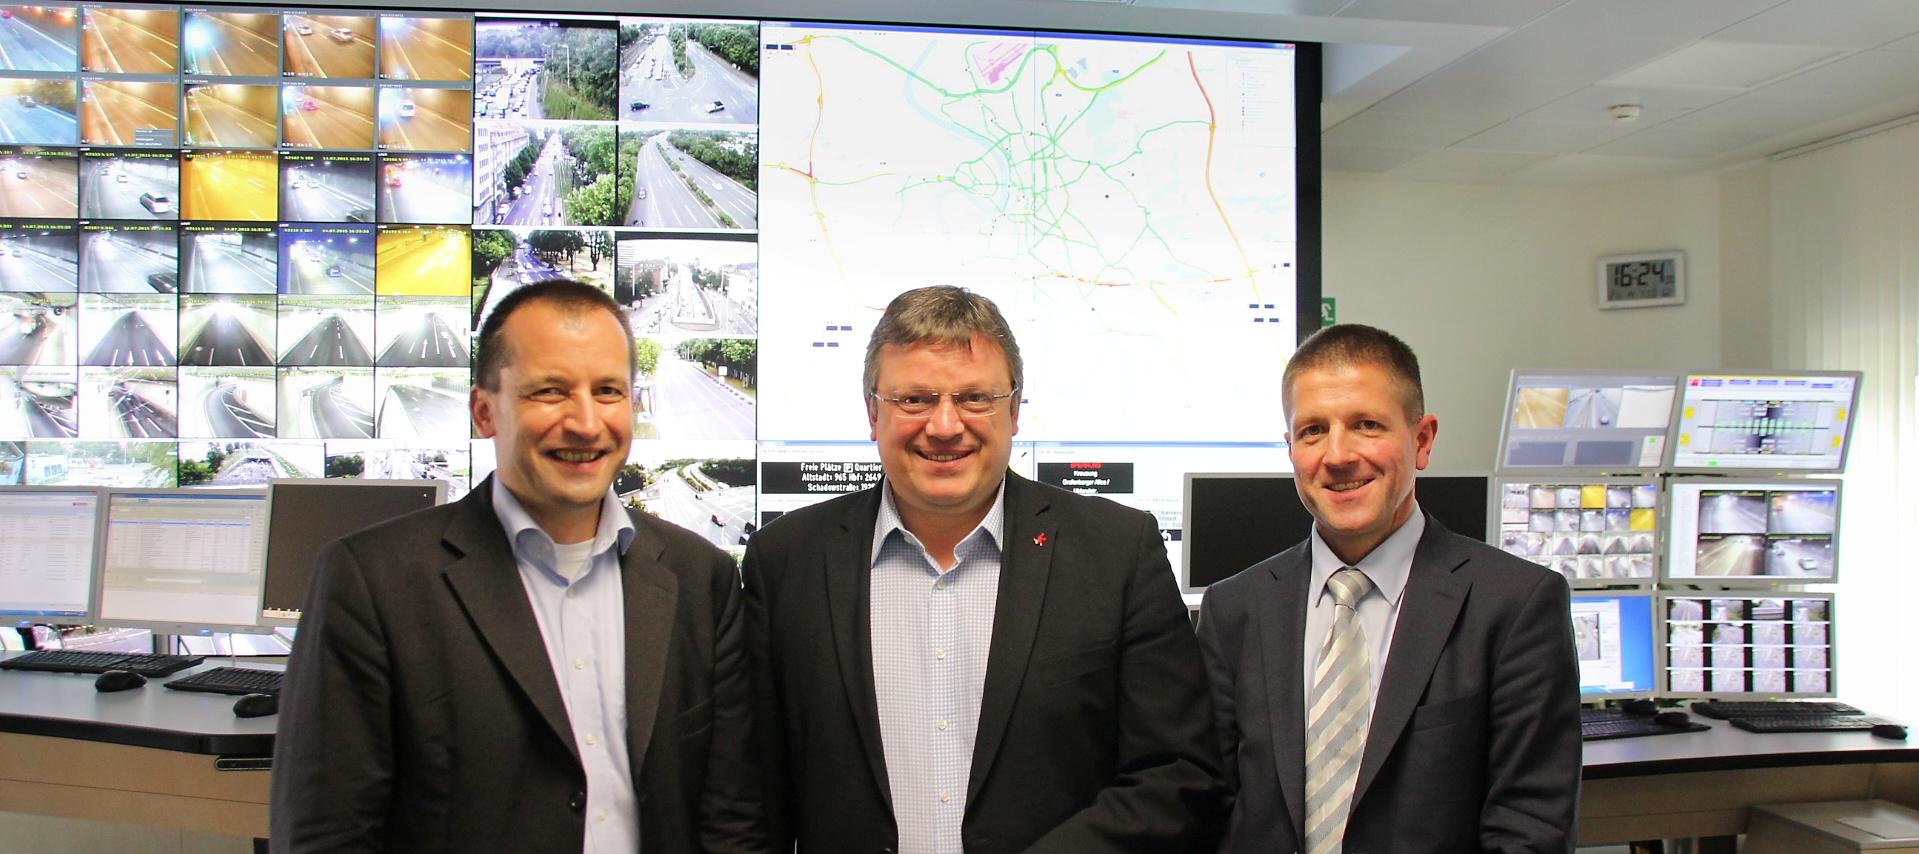 Das Fahren sicherer, effizienter und umweltschonender machen: Andreas Rimkus MdB besuchte die Tunnel- und Verkehrsleitzentrale Düsseldorf und informierte sich vor Ort über die Umsetzung des Bundesprogrammes UR:BAN